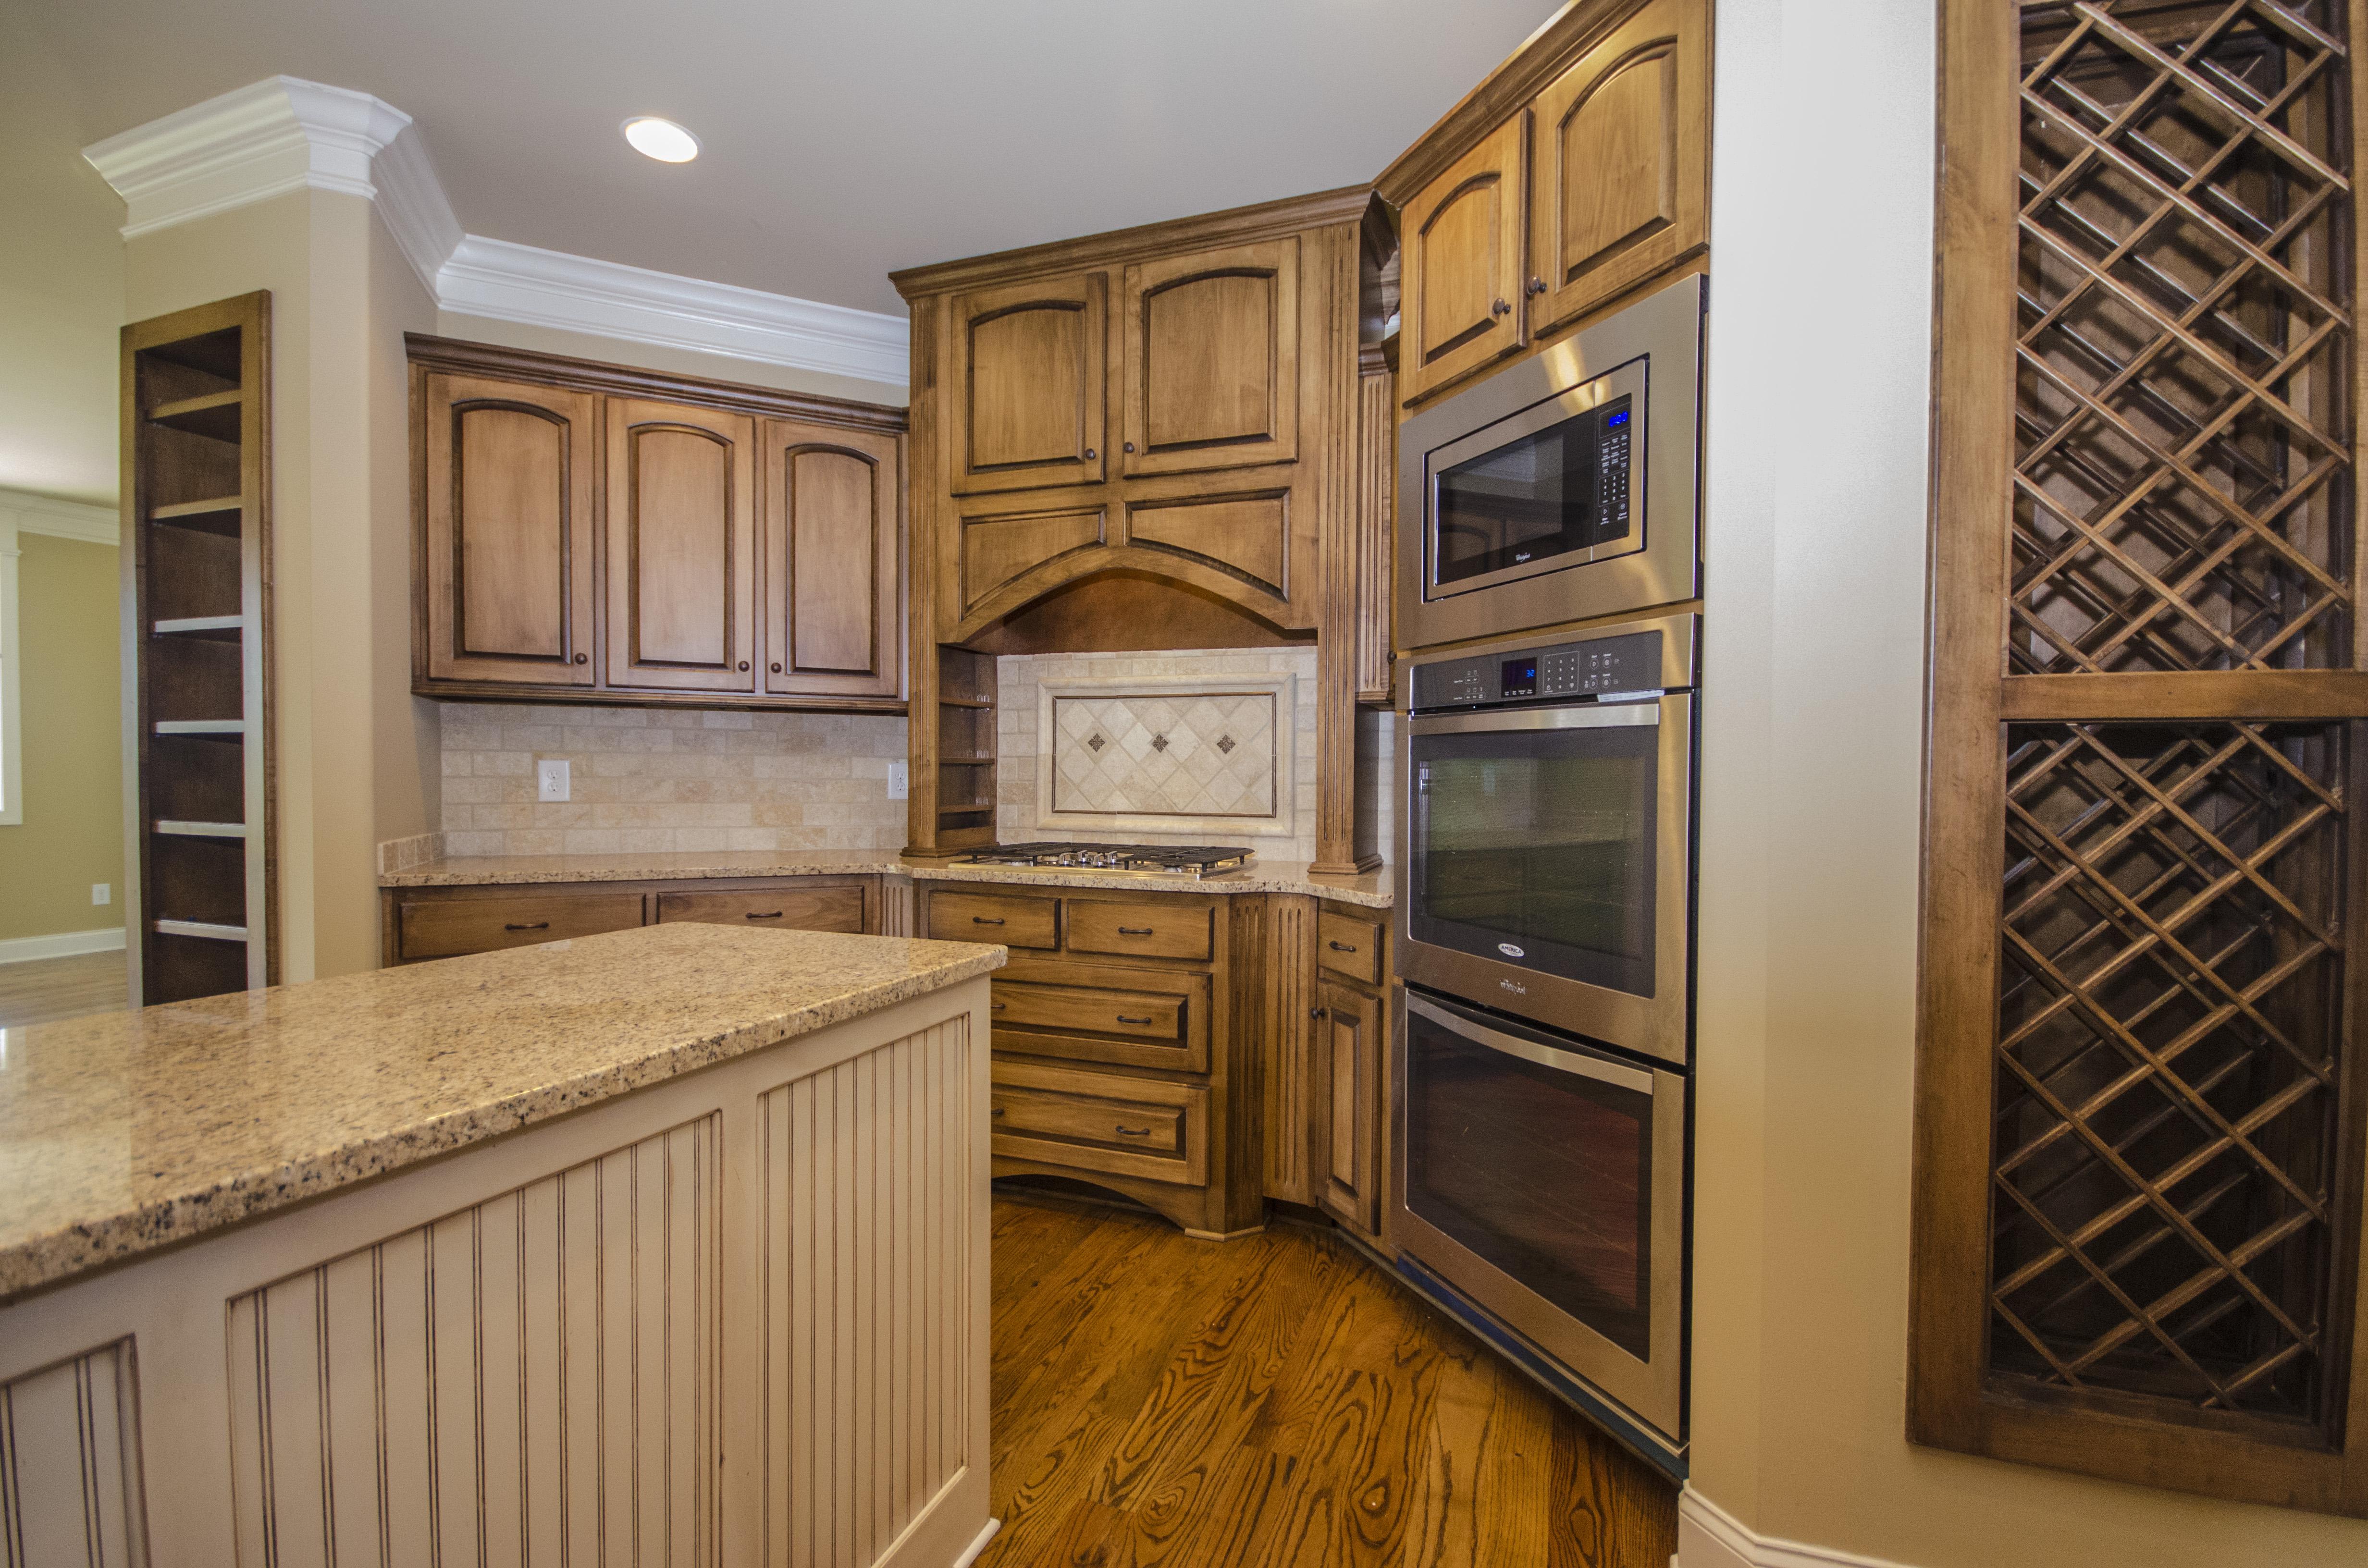 kitchen-wine rack